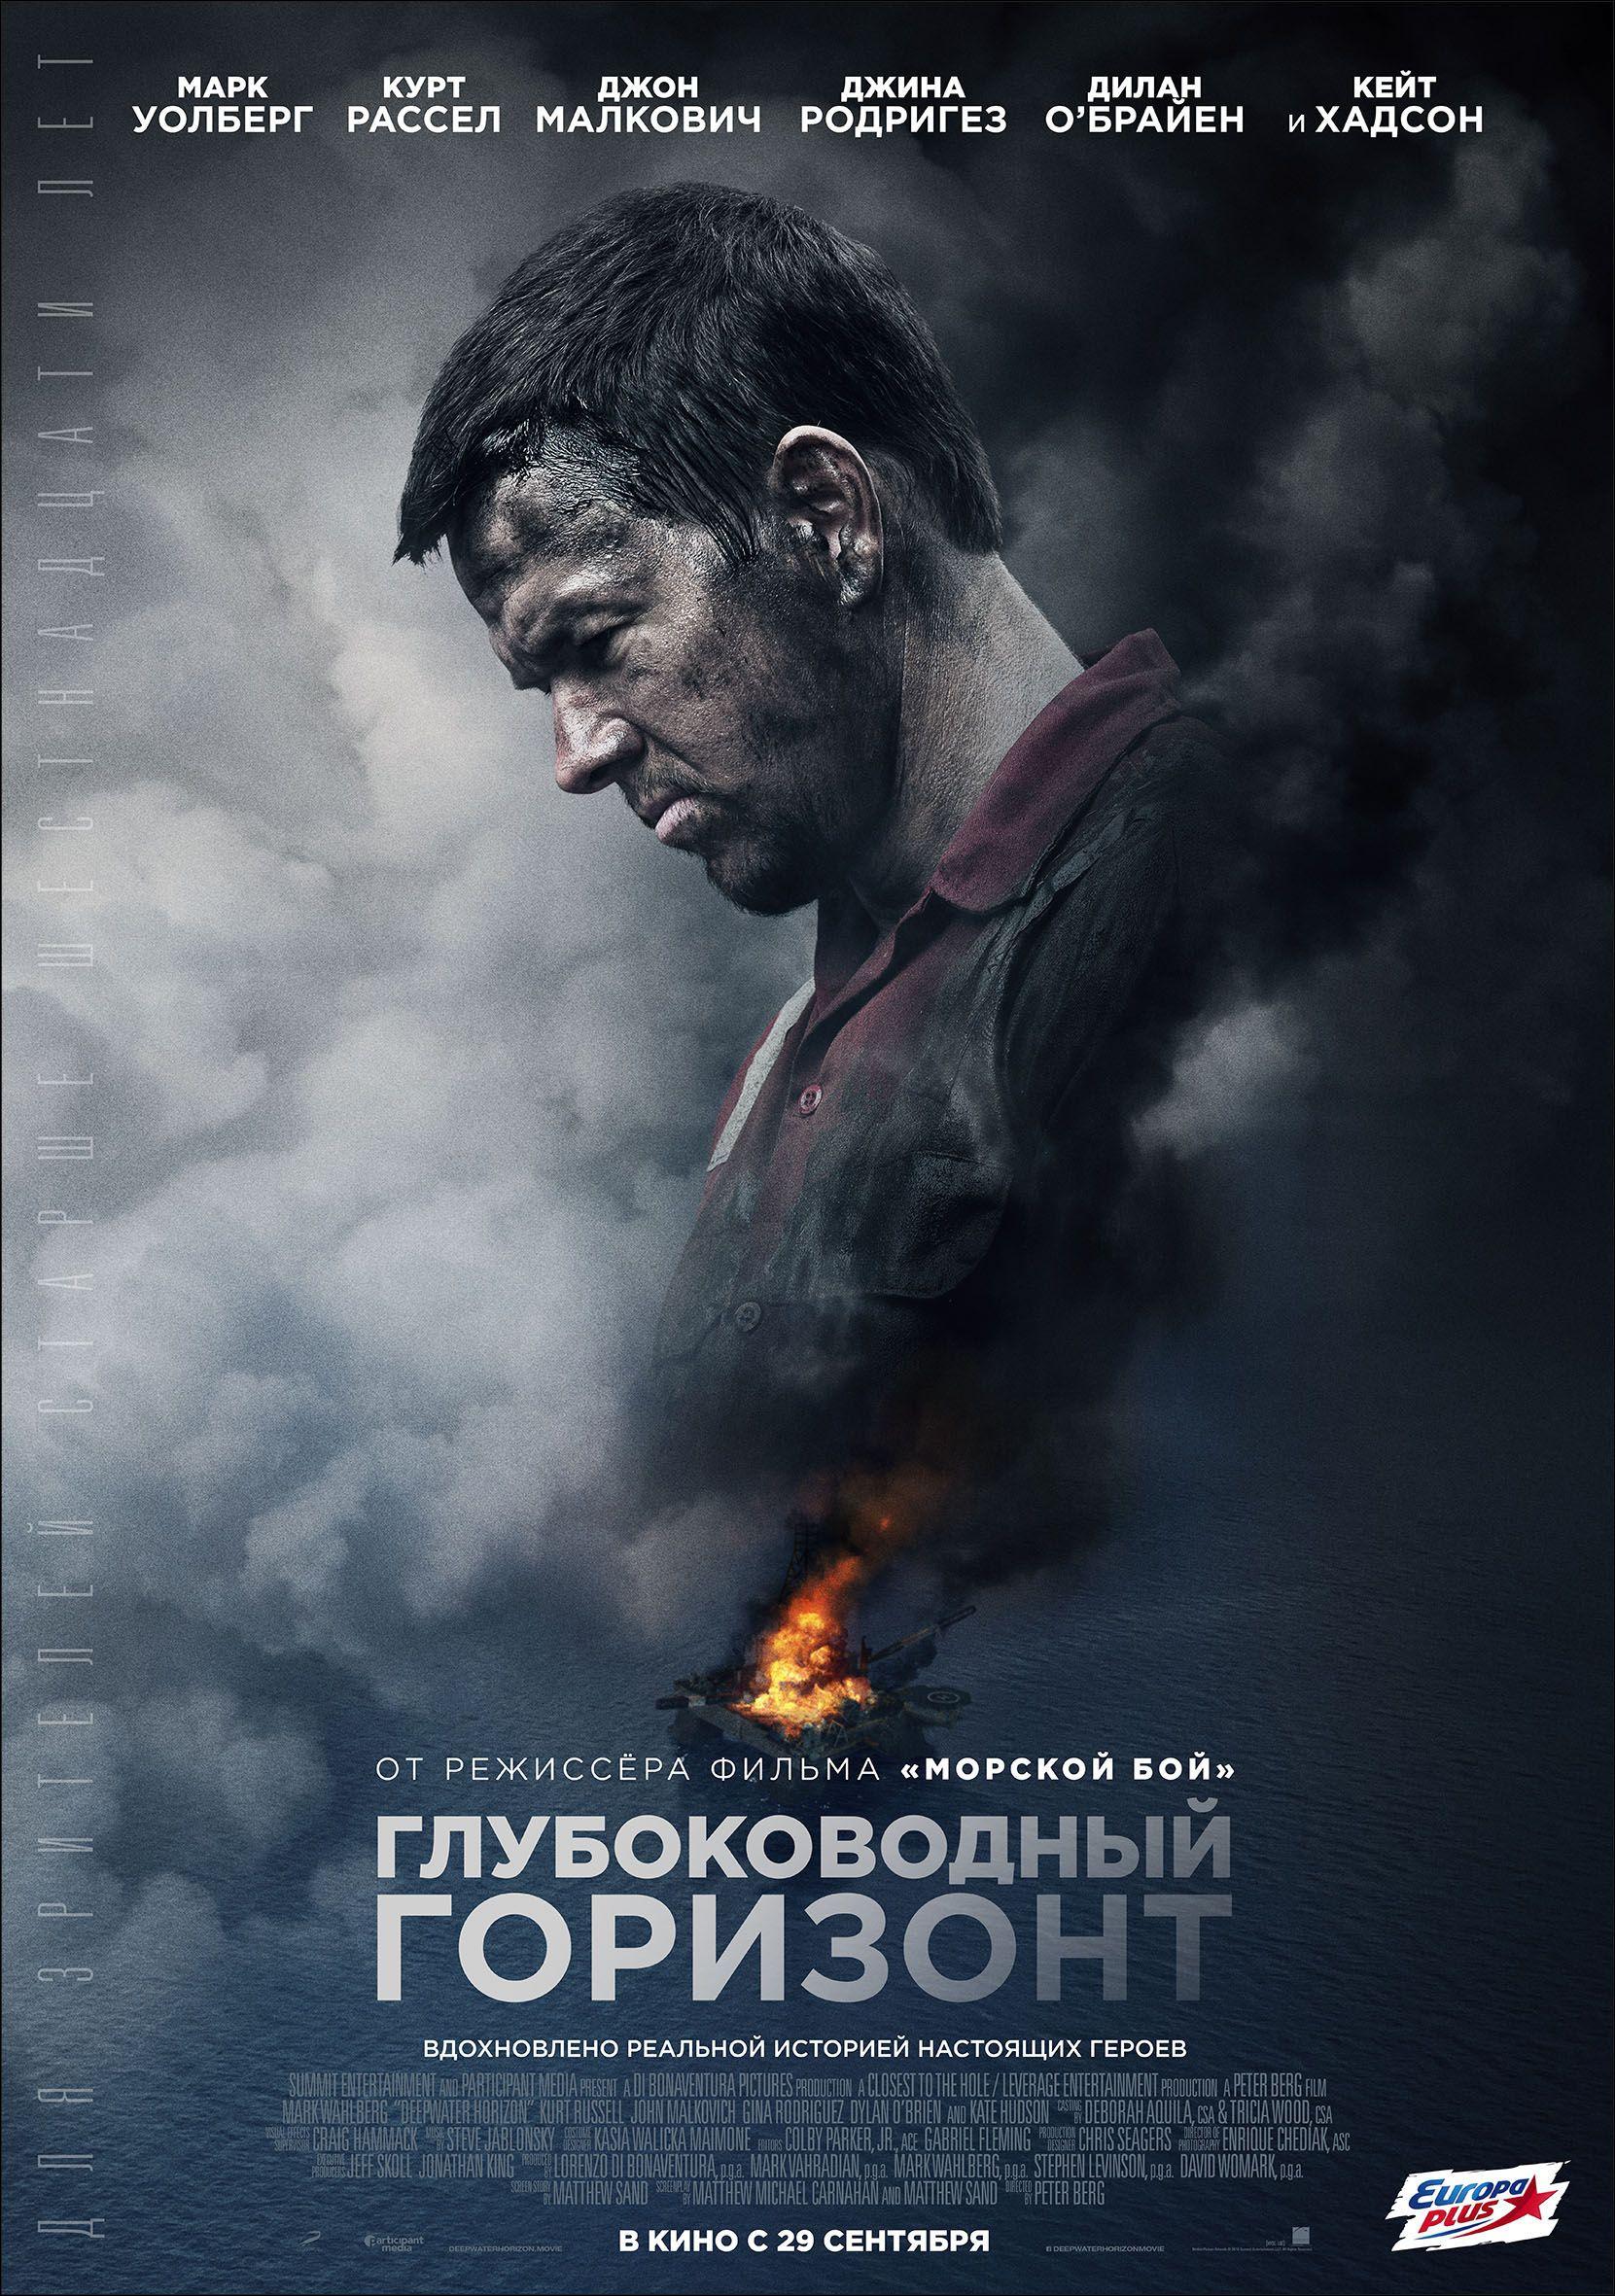 «Советские Фильмы С Откровенными С Ценами» / 2010